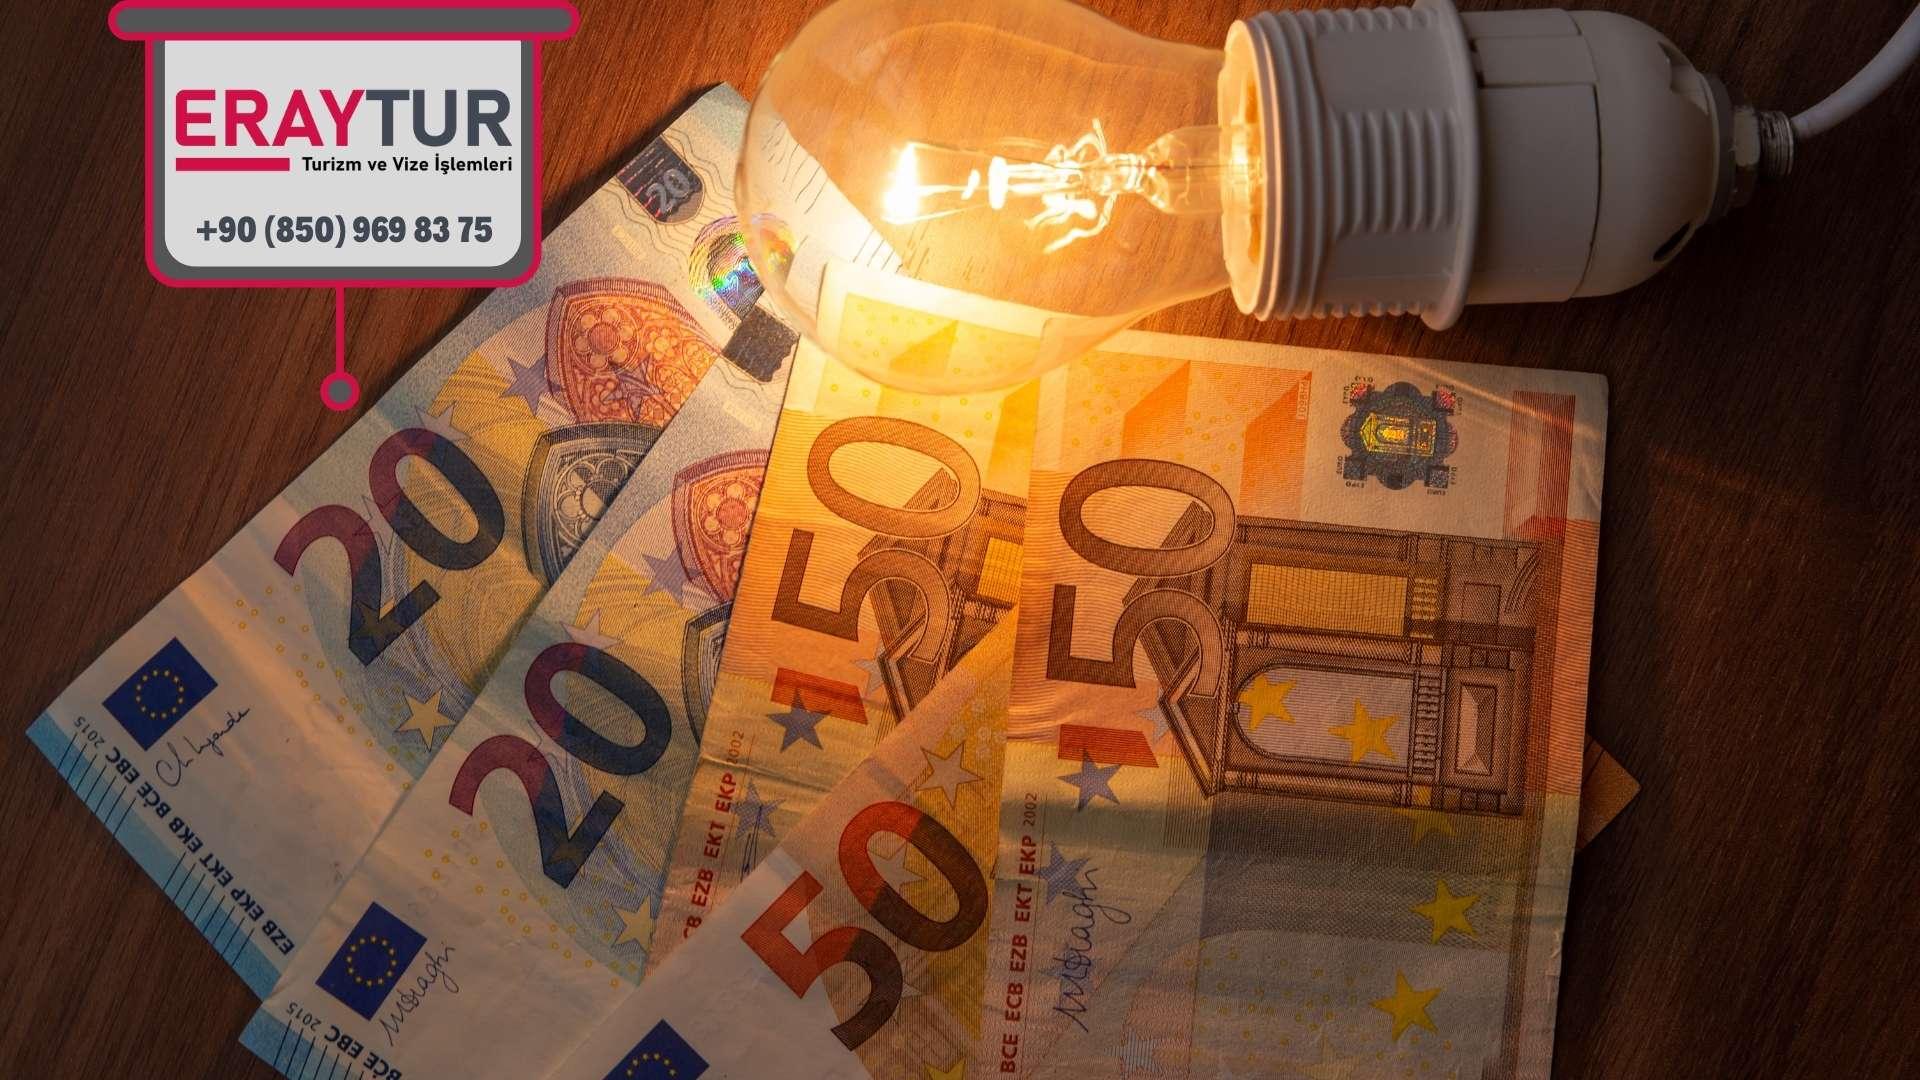 İtalya Vize Ücreti Hakkında Önemli Noktalar